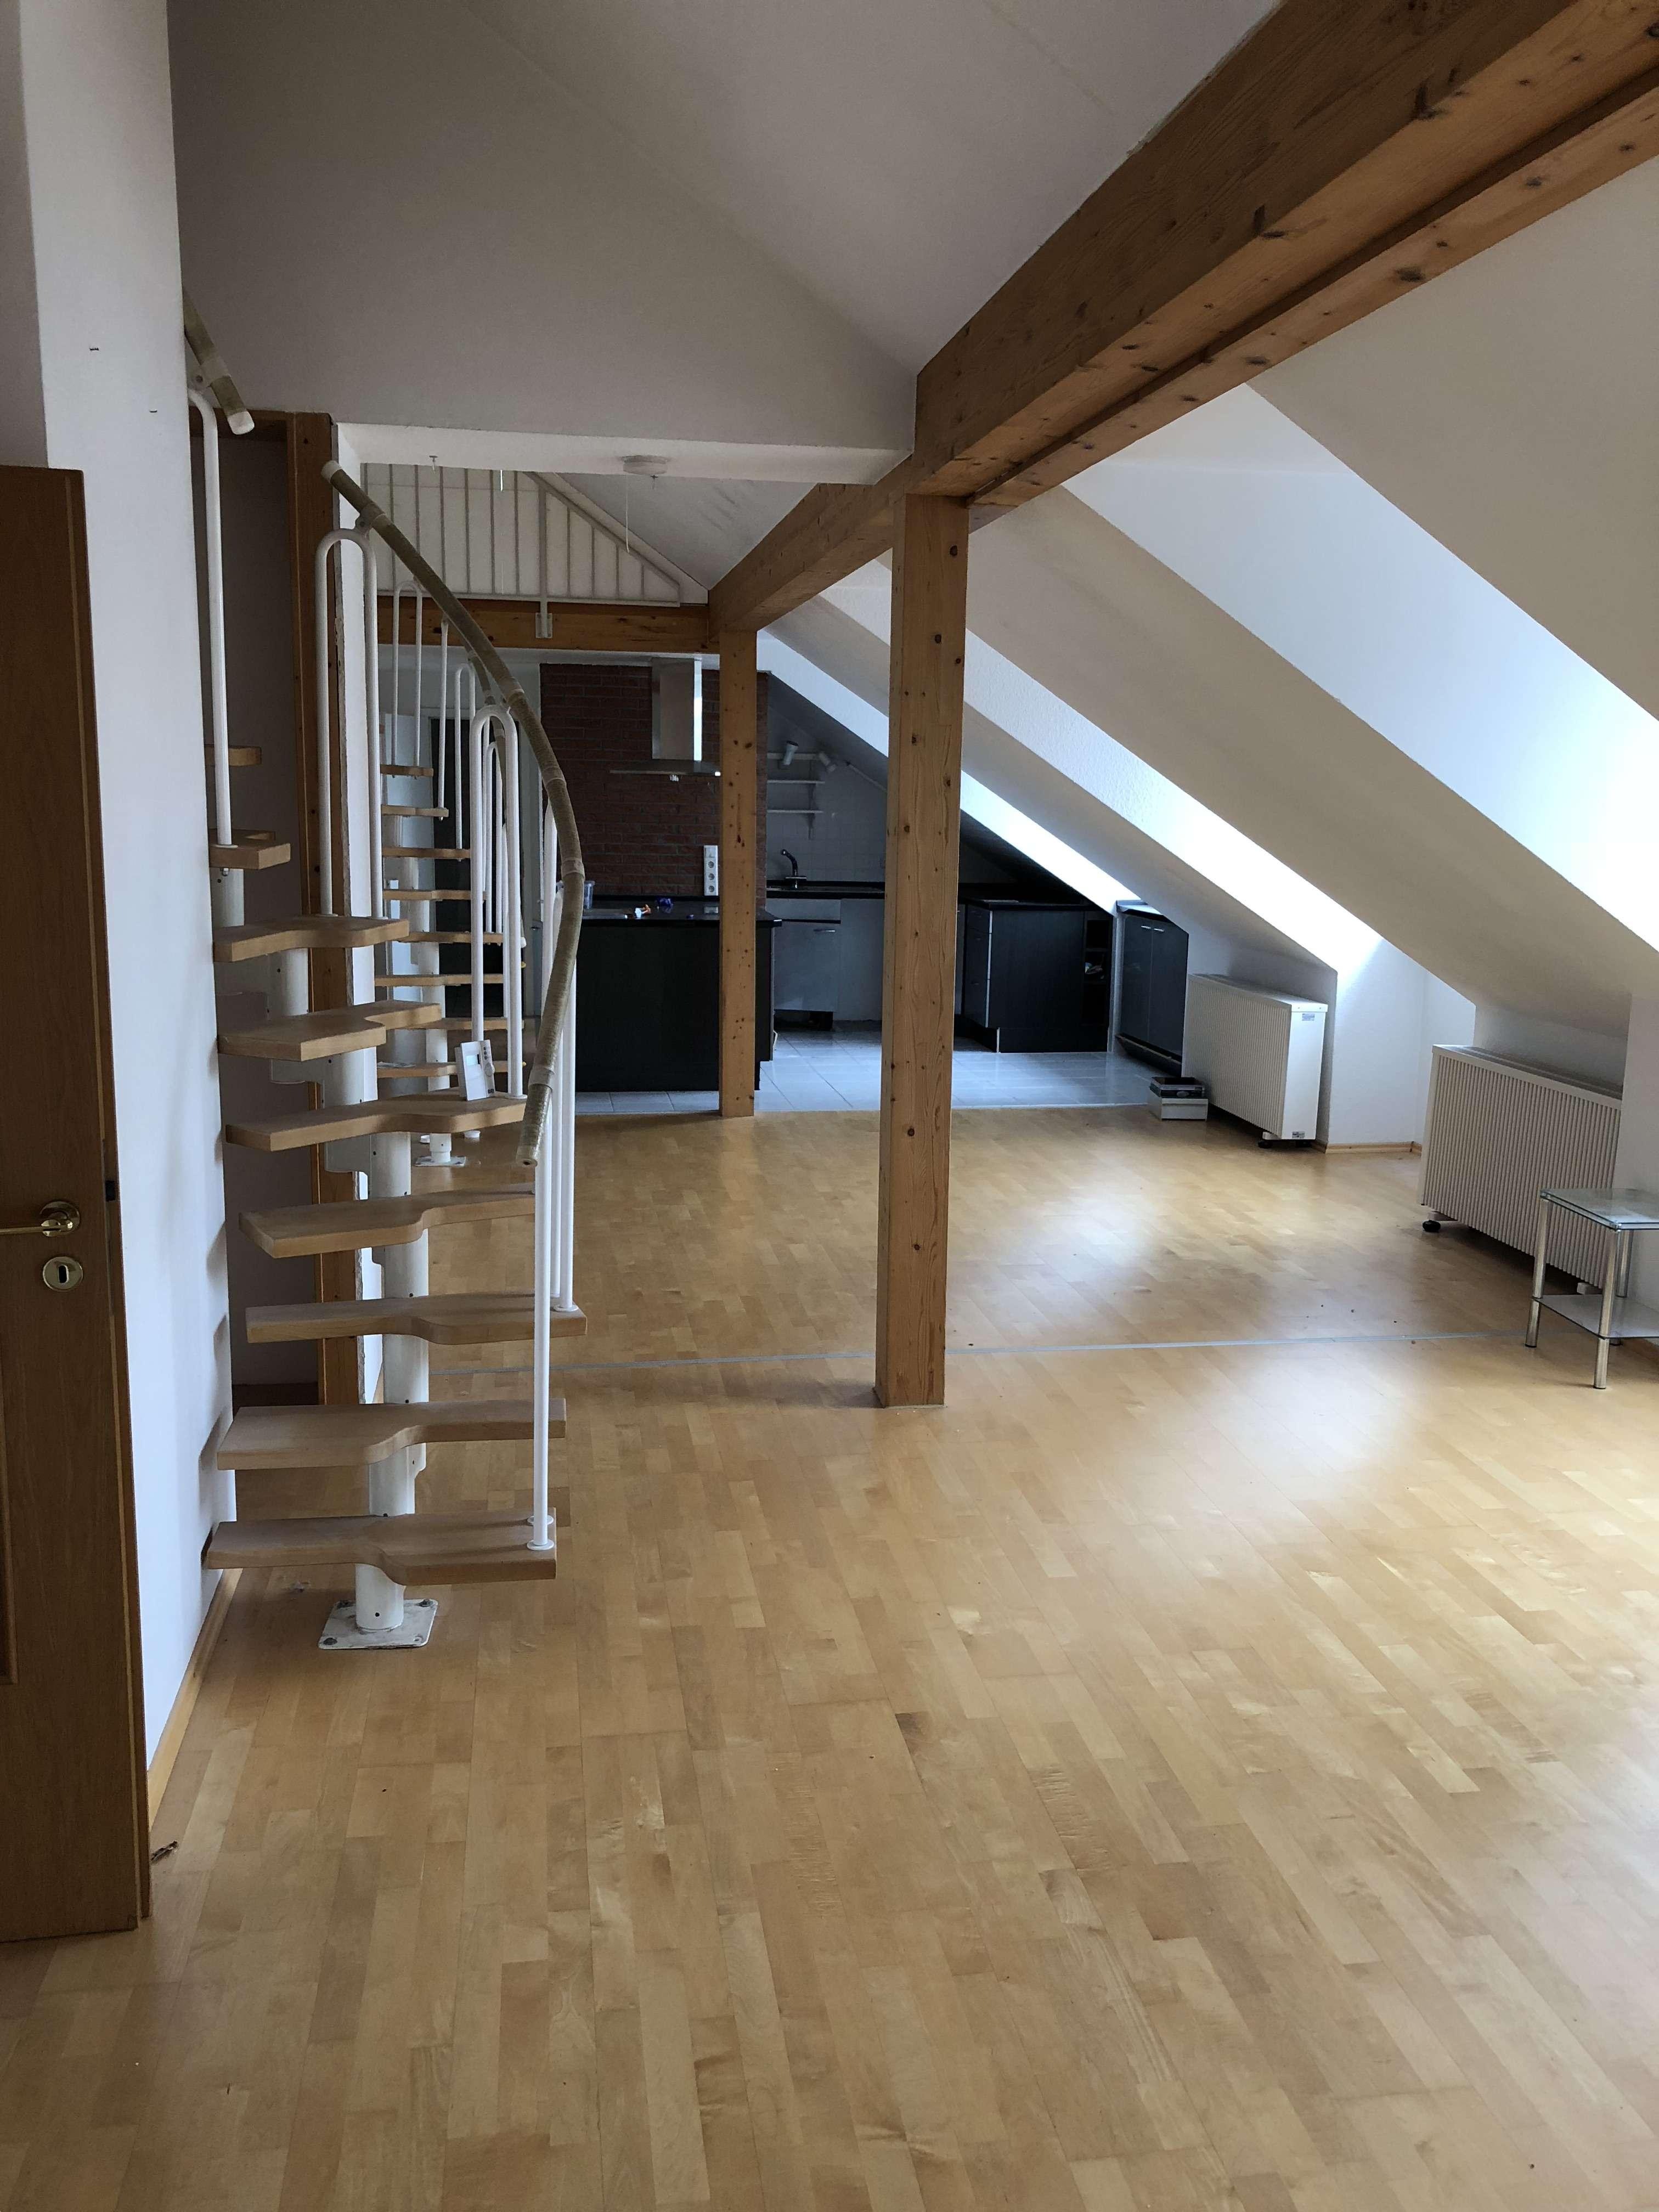 Große Wohnung in der Au zu vermieten in Au (München)